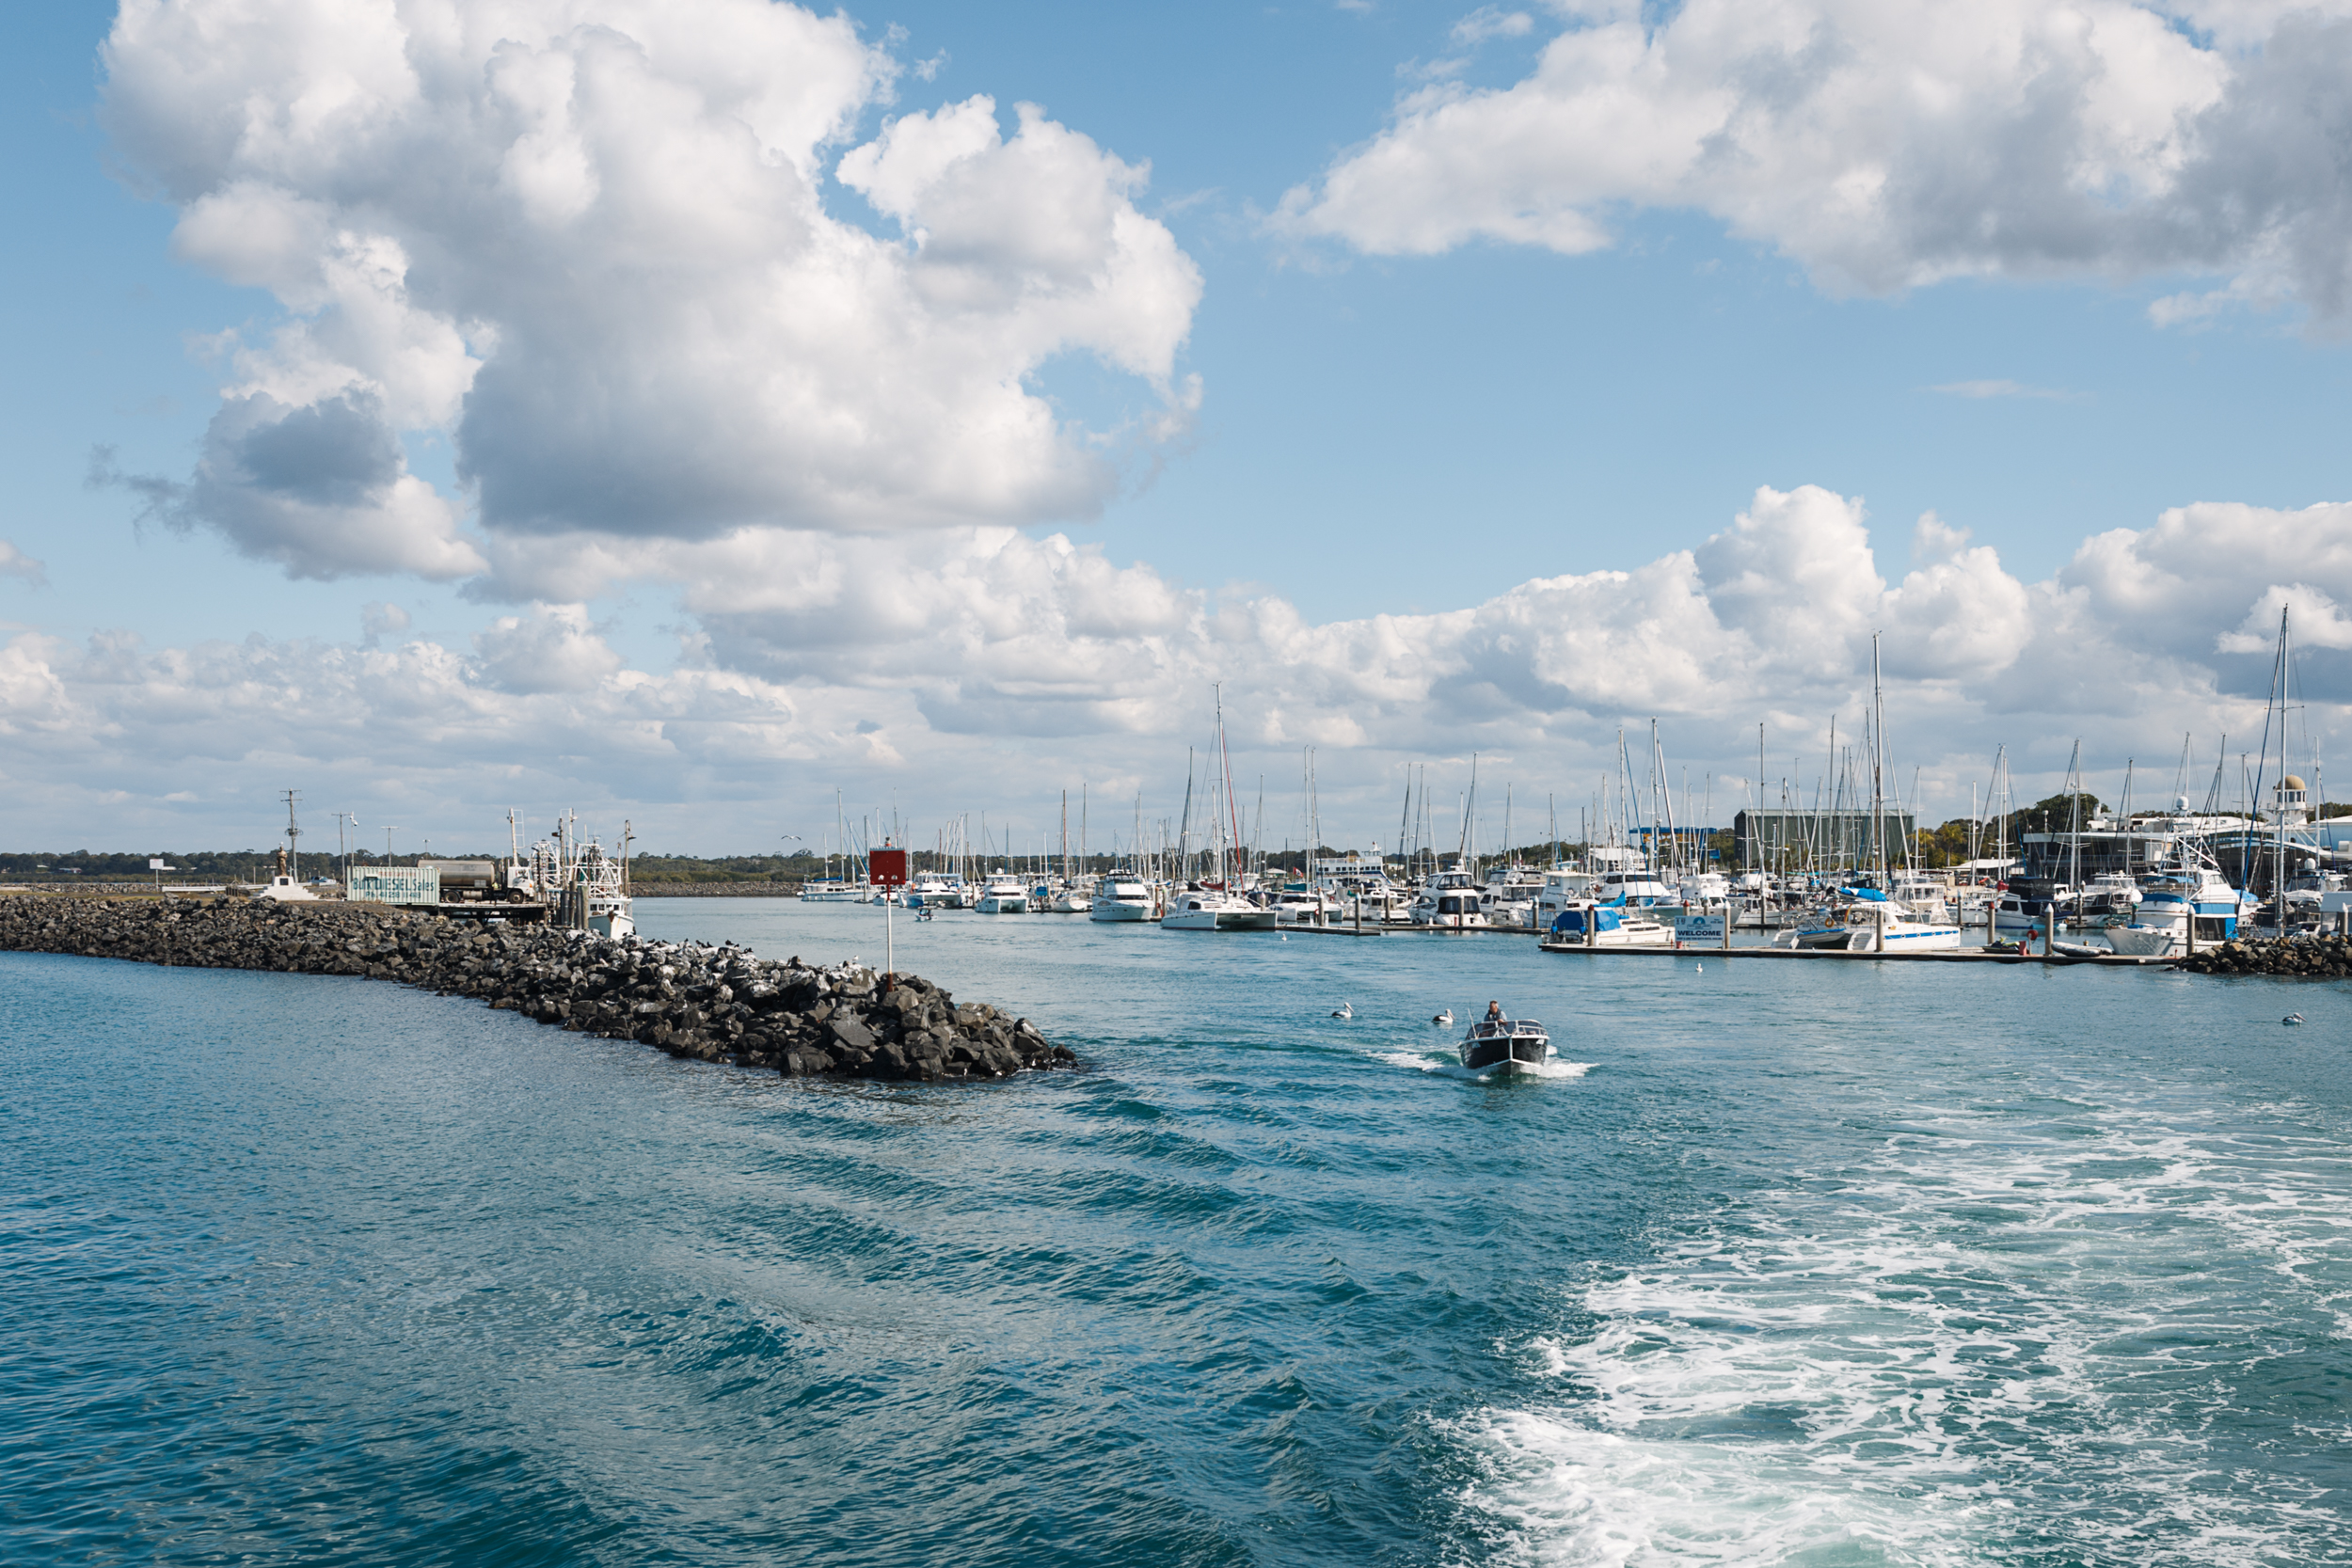 The boat harbor of Hervey Bay.